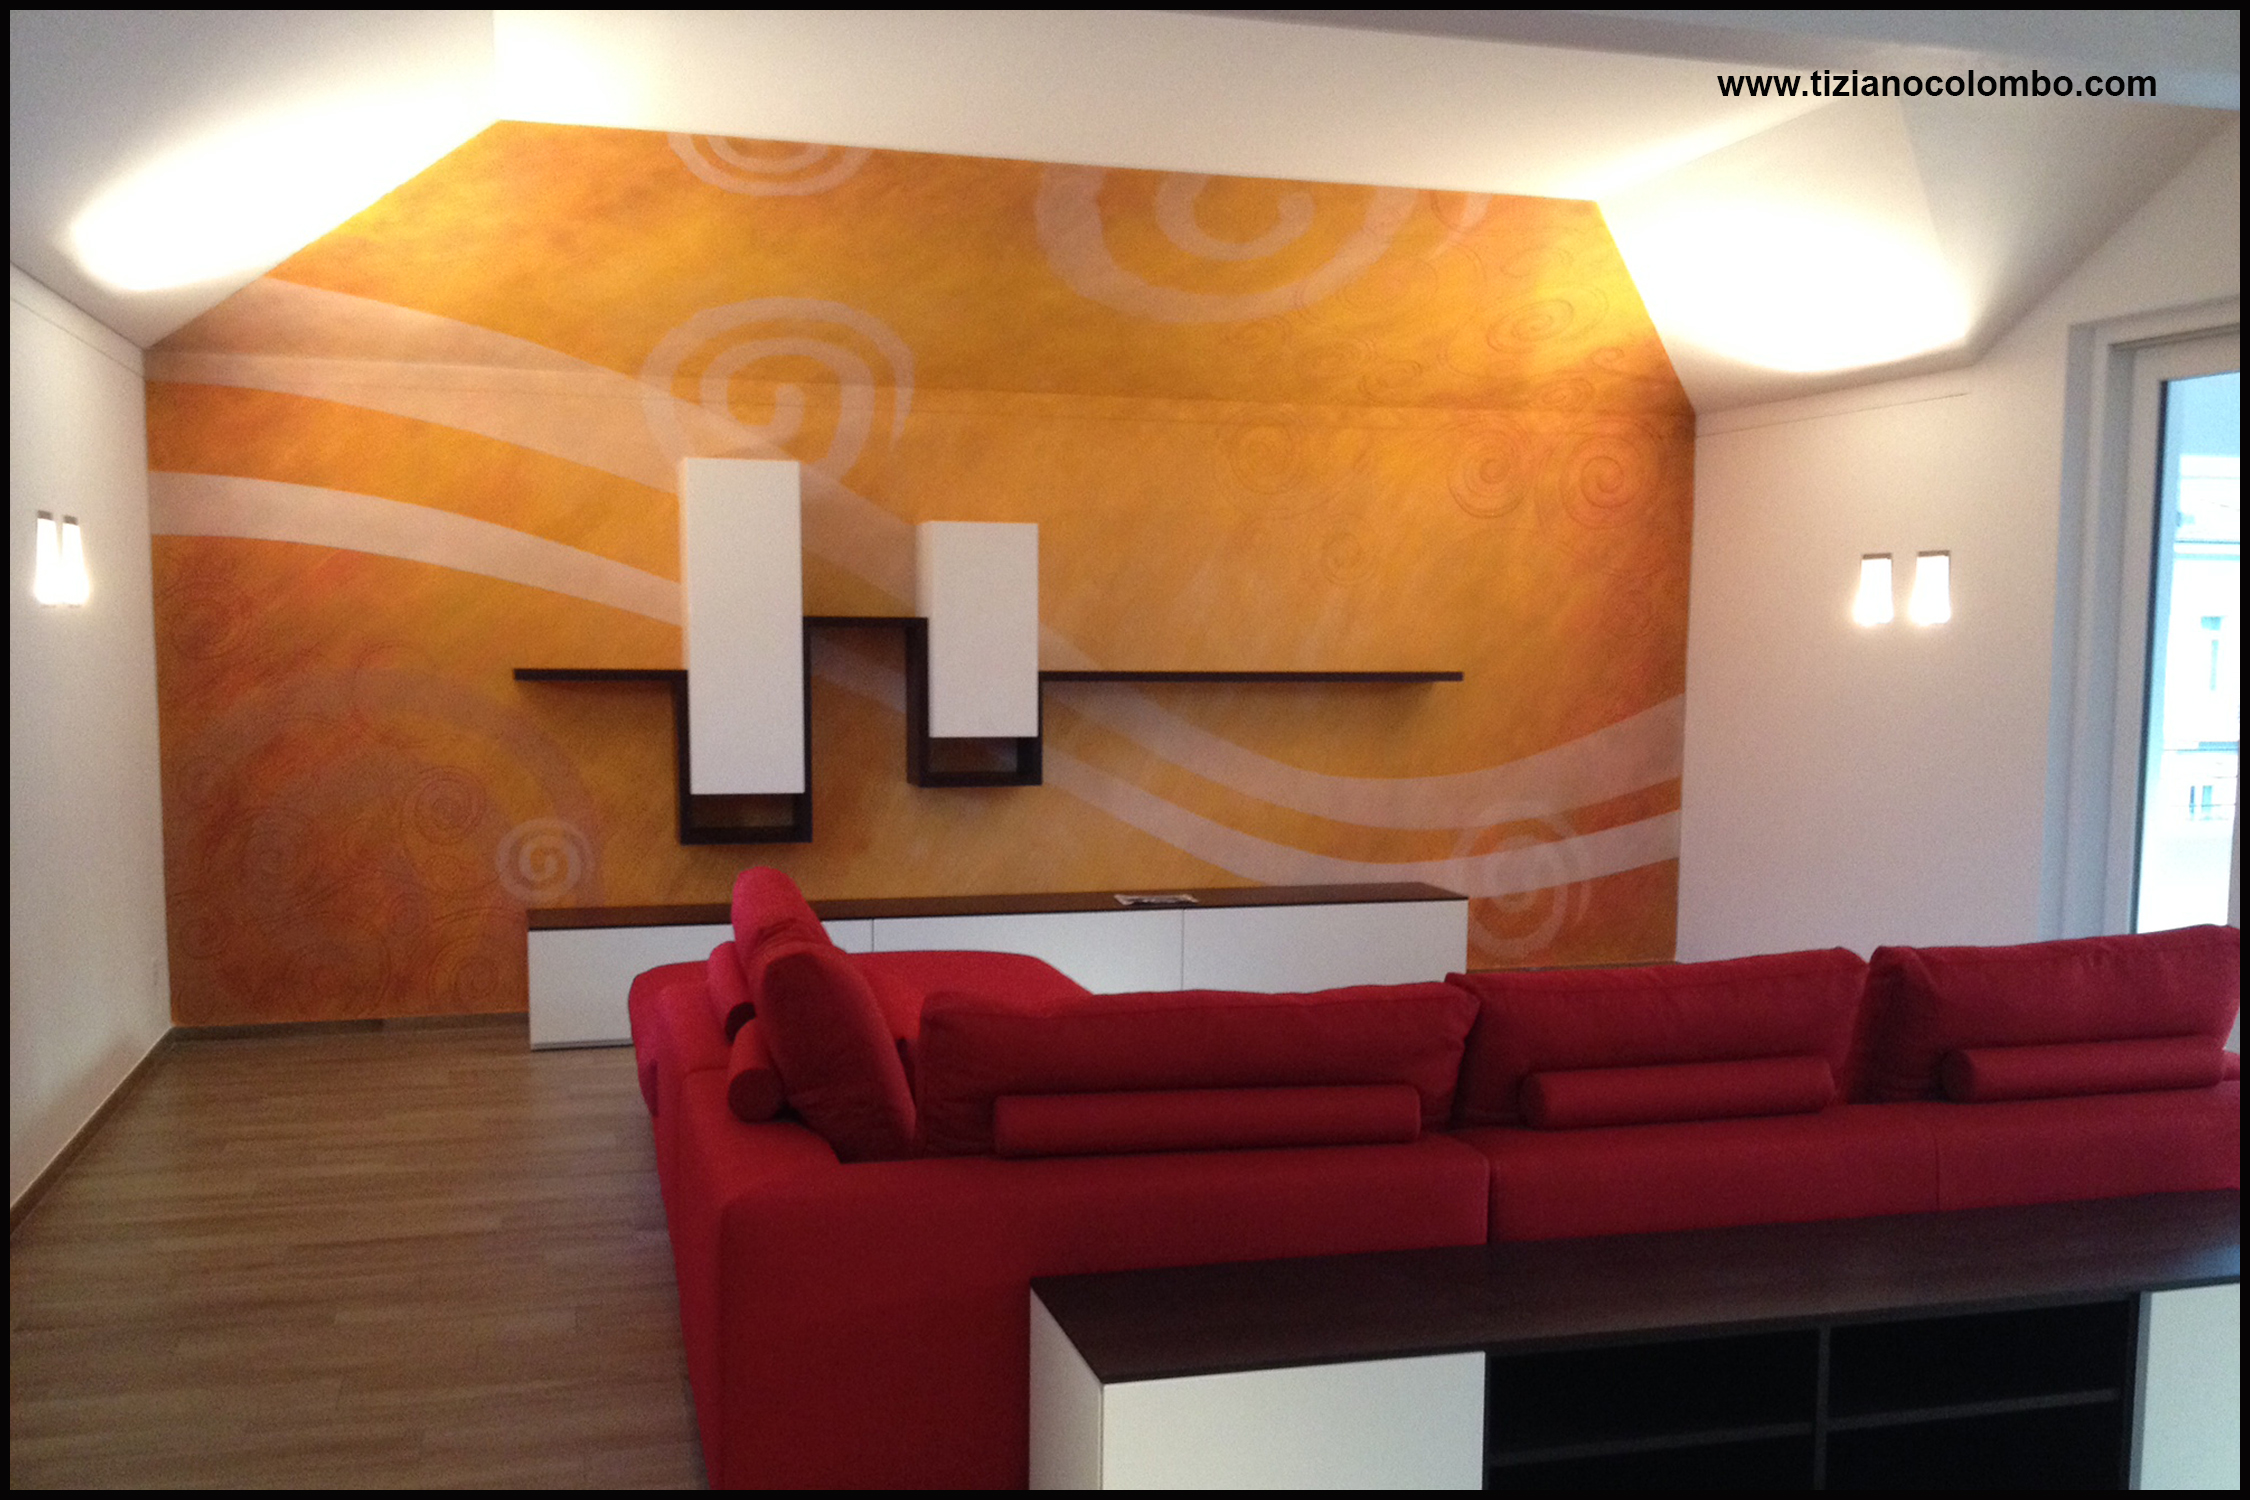 Decoratore di interni awesome oltre il giardino di nicola falappi fiorista e decoratore - Decoratore d interni ...